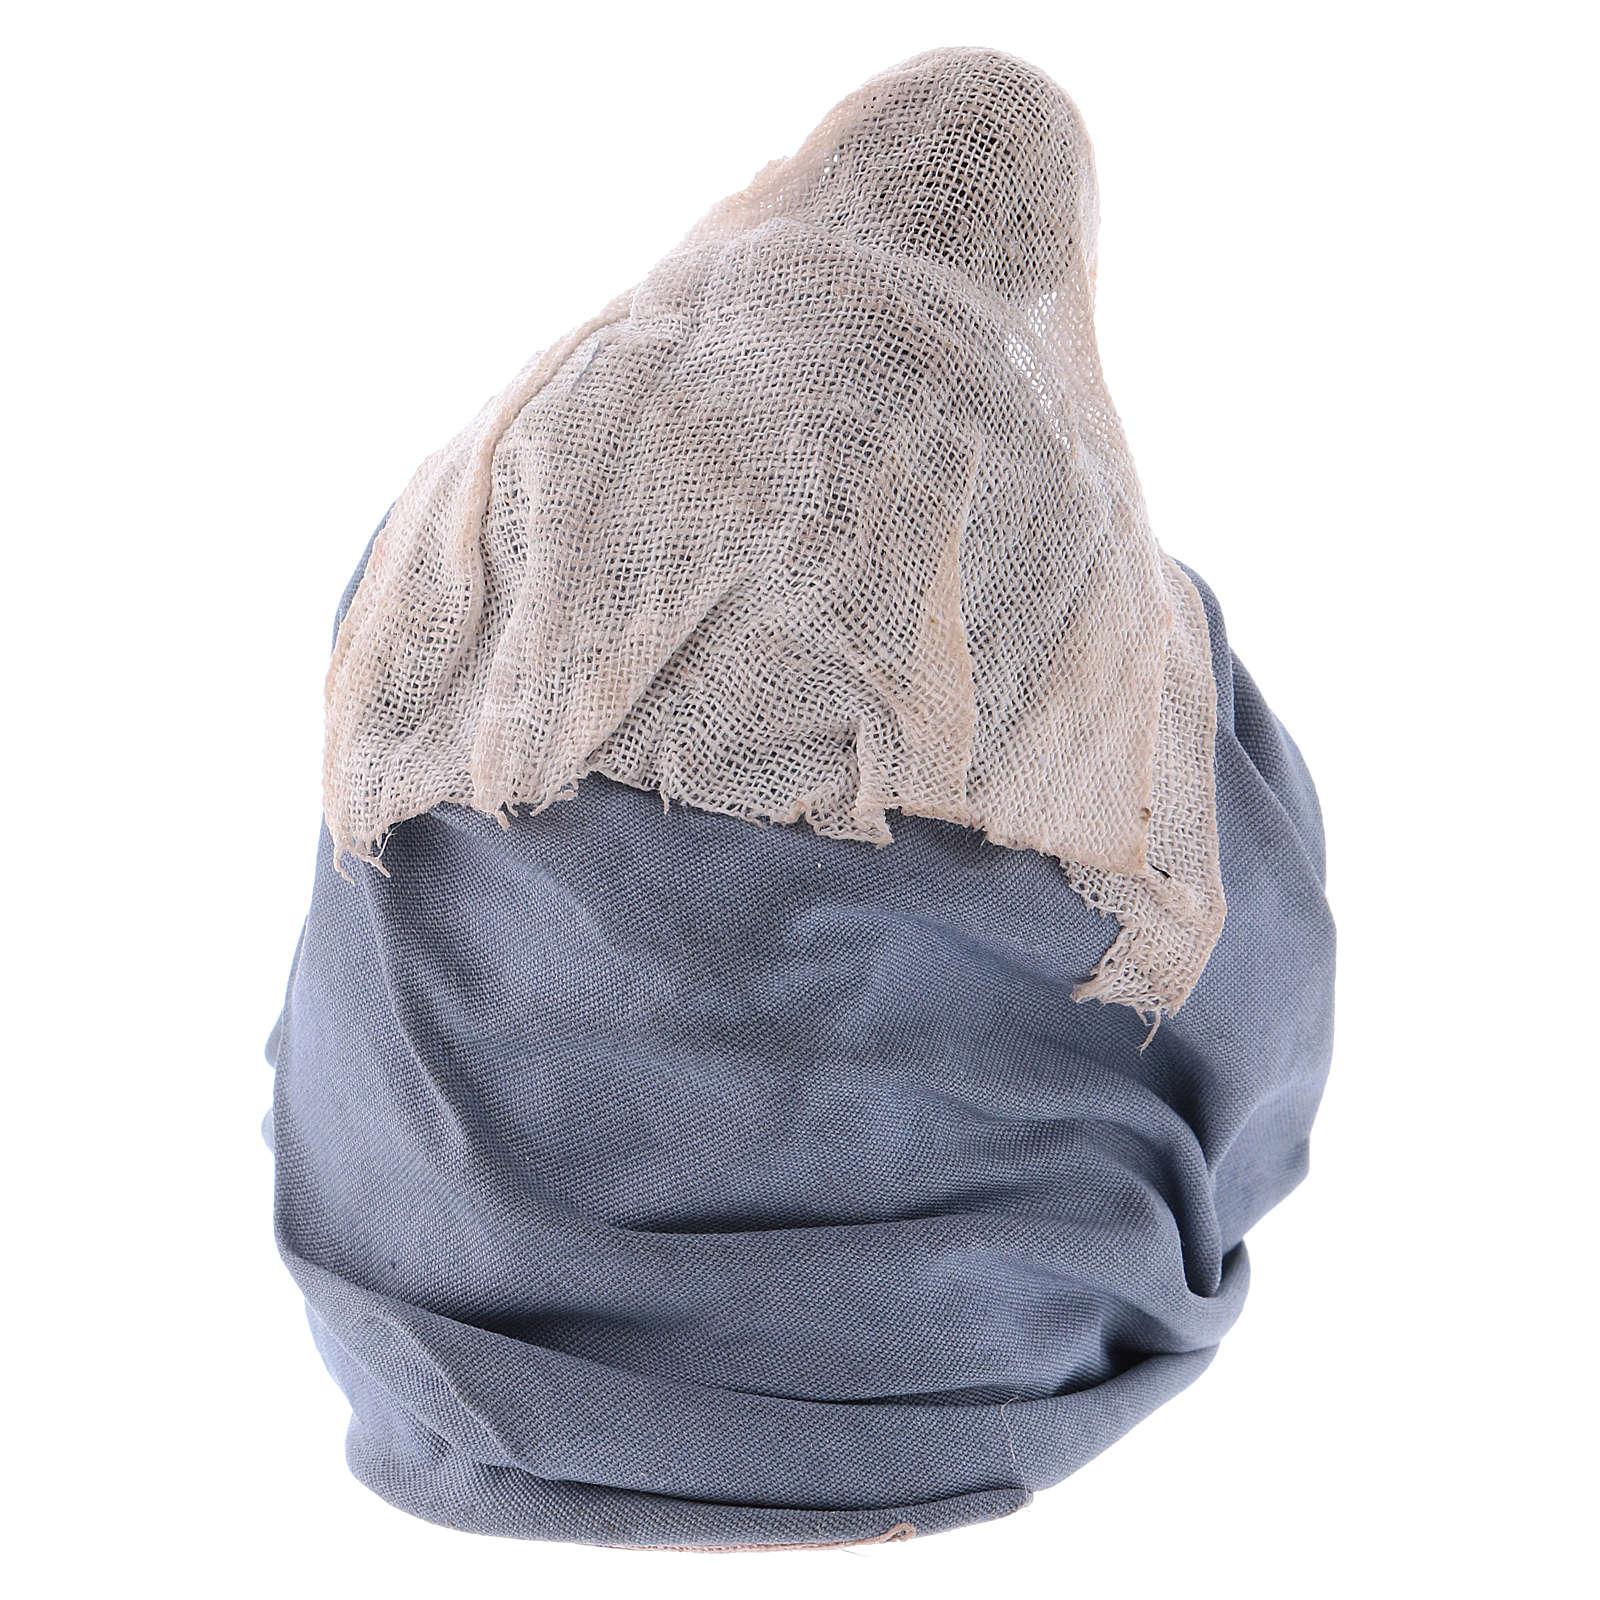 Madonna per presepe napoletano 12 cm 4